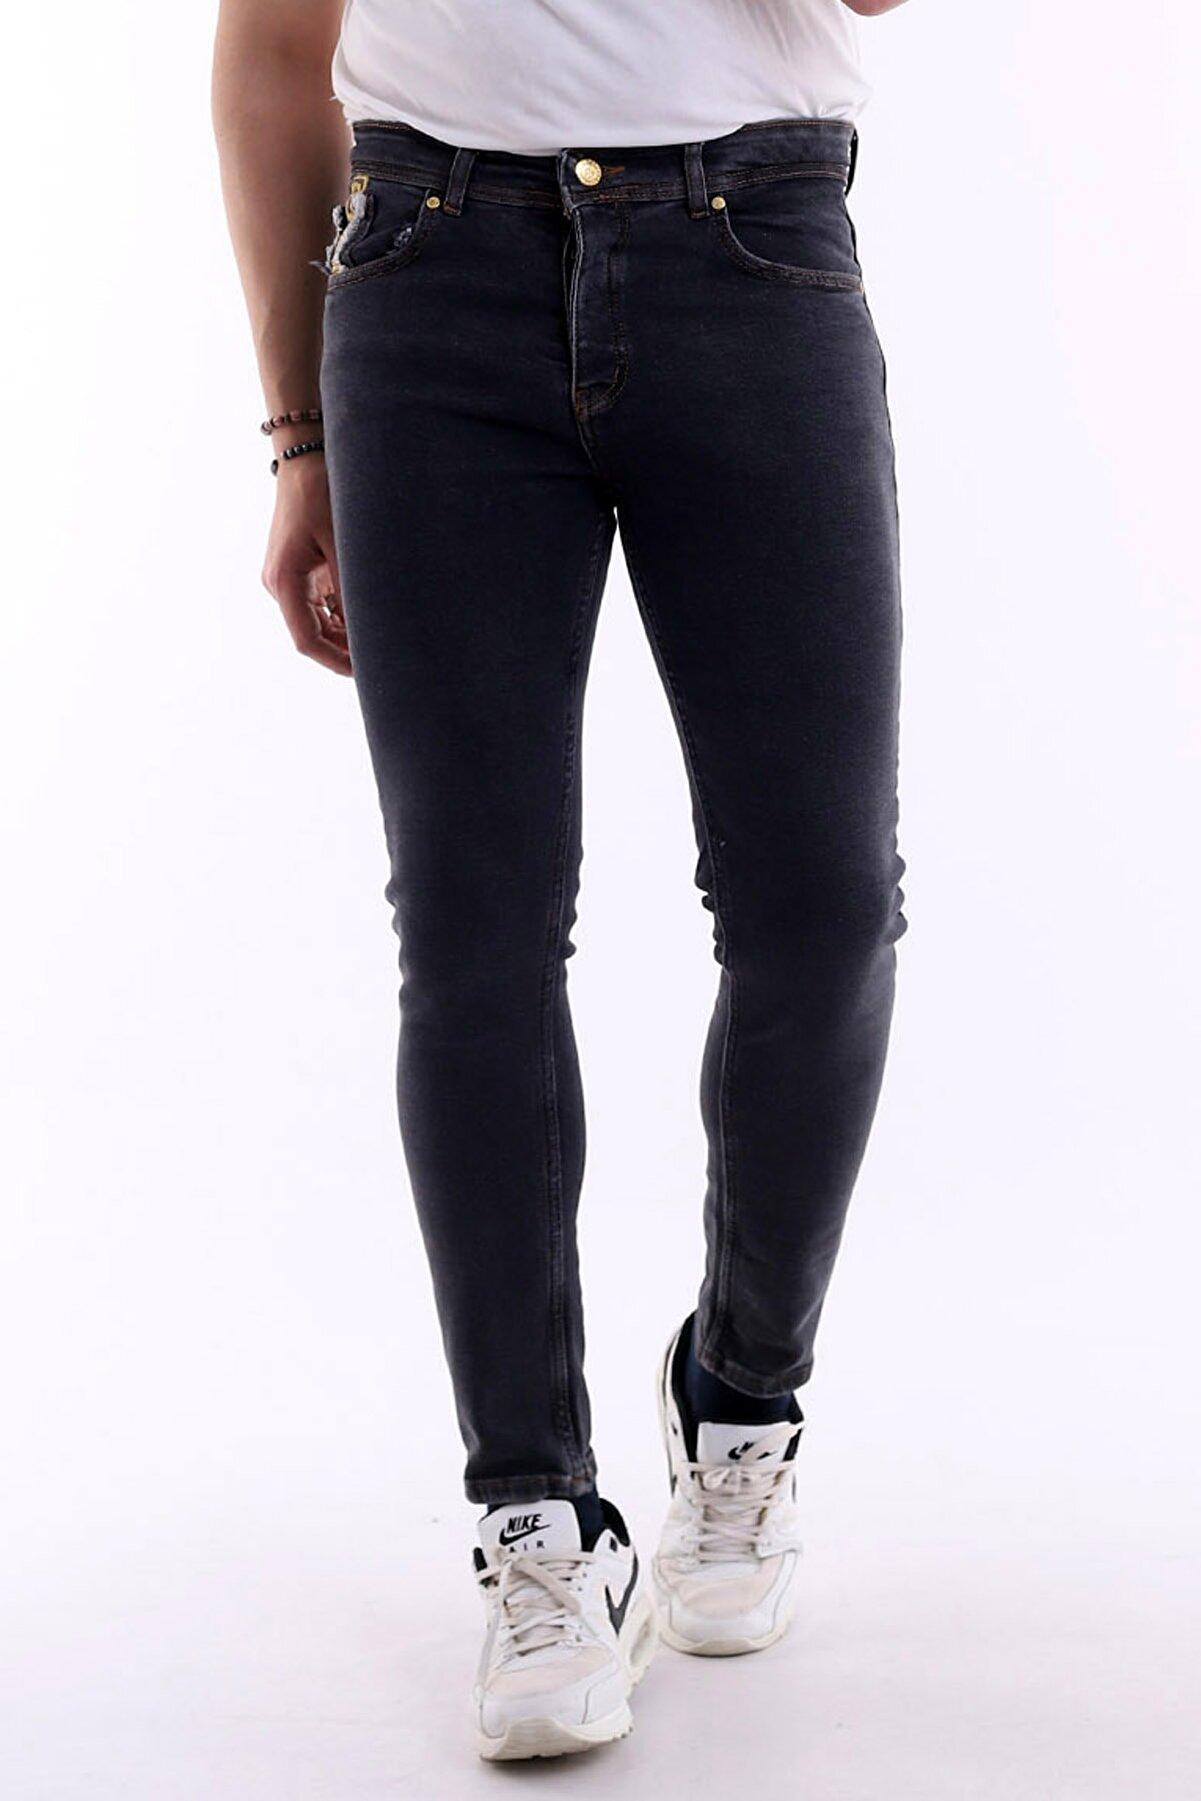 Cupperland Likralı Rahat Giyim Kot Pantolon,şık Görünümlü Özel Günler Iin Giyilebilir